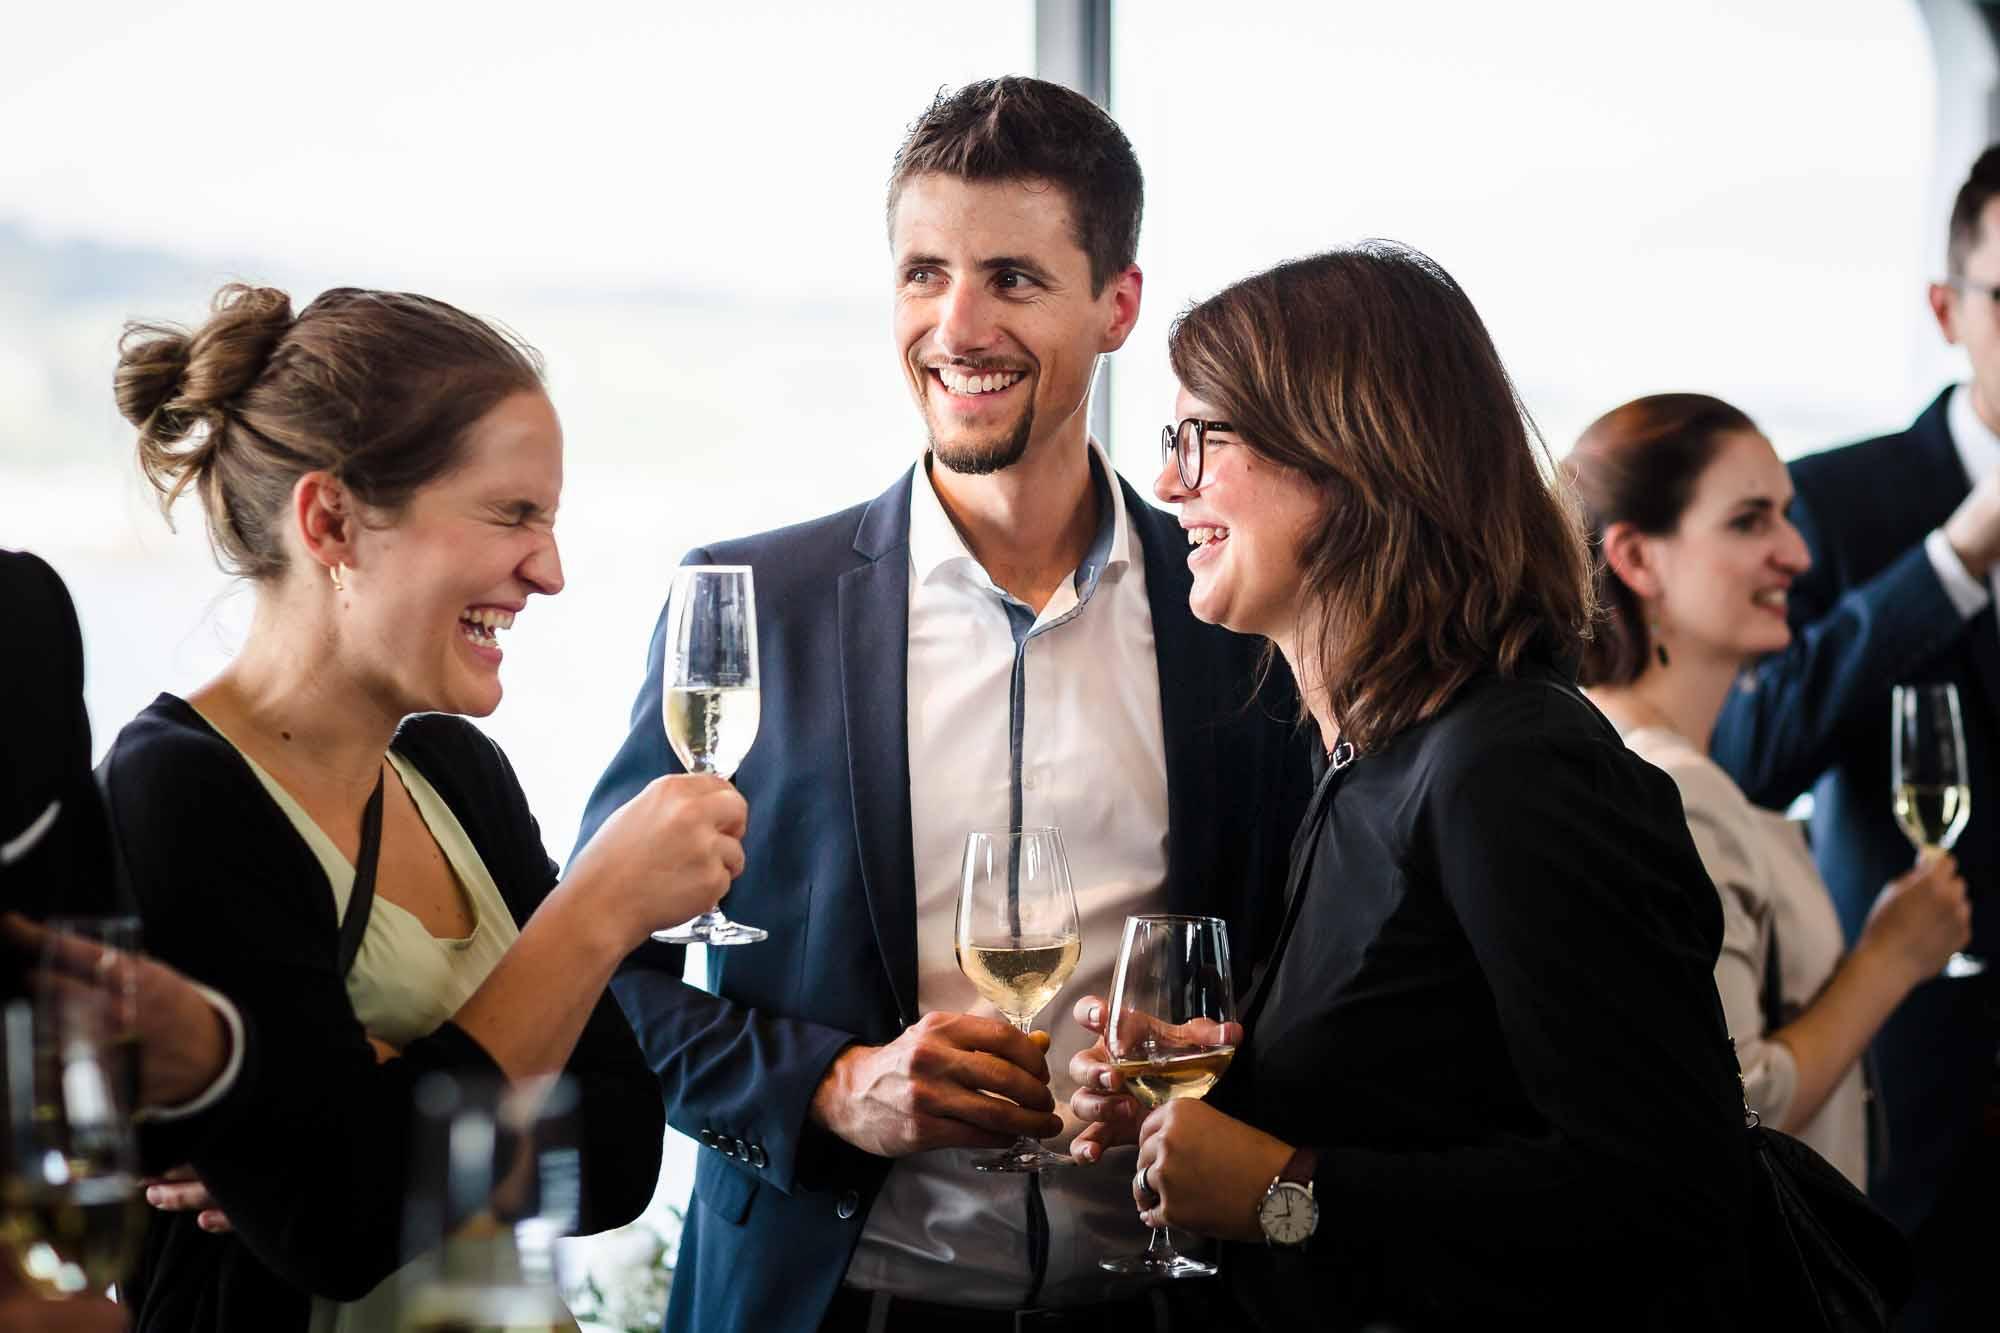 Gäste lachen während Aperitif